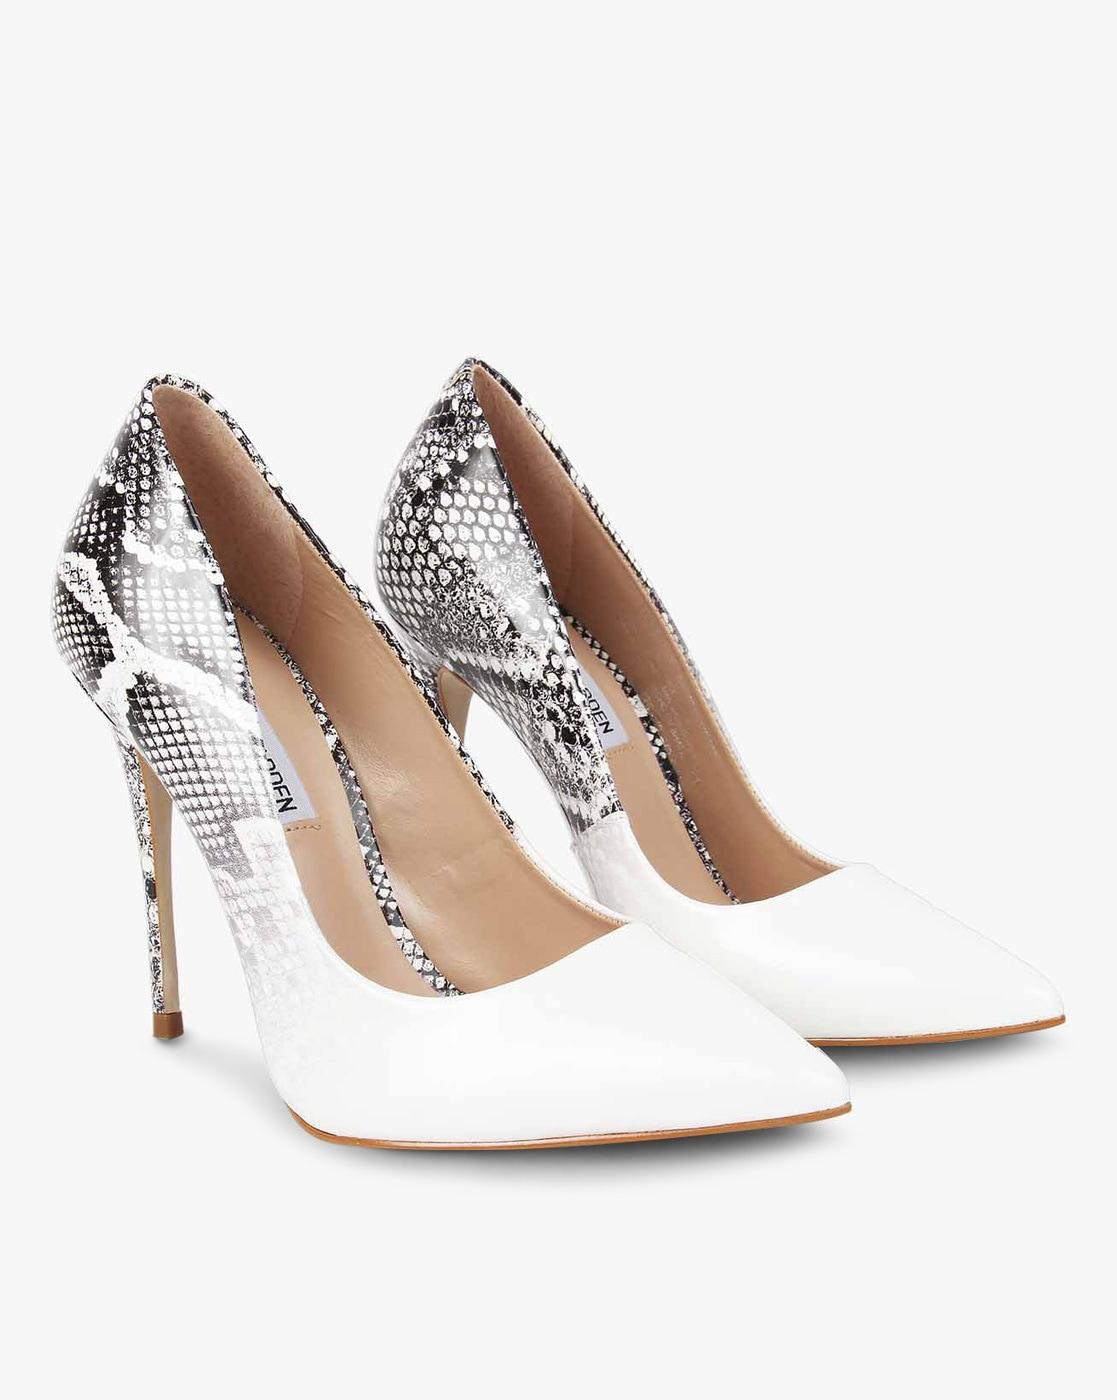 steve madden heels for women